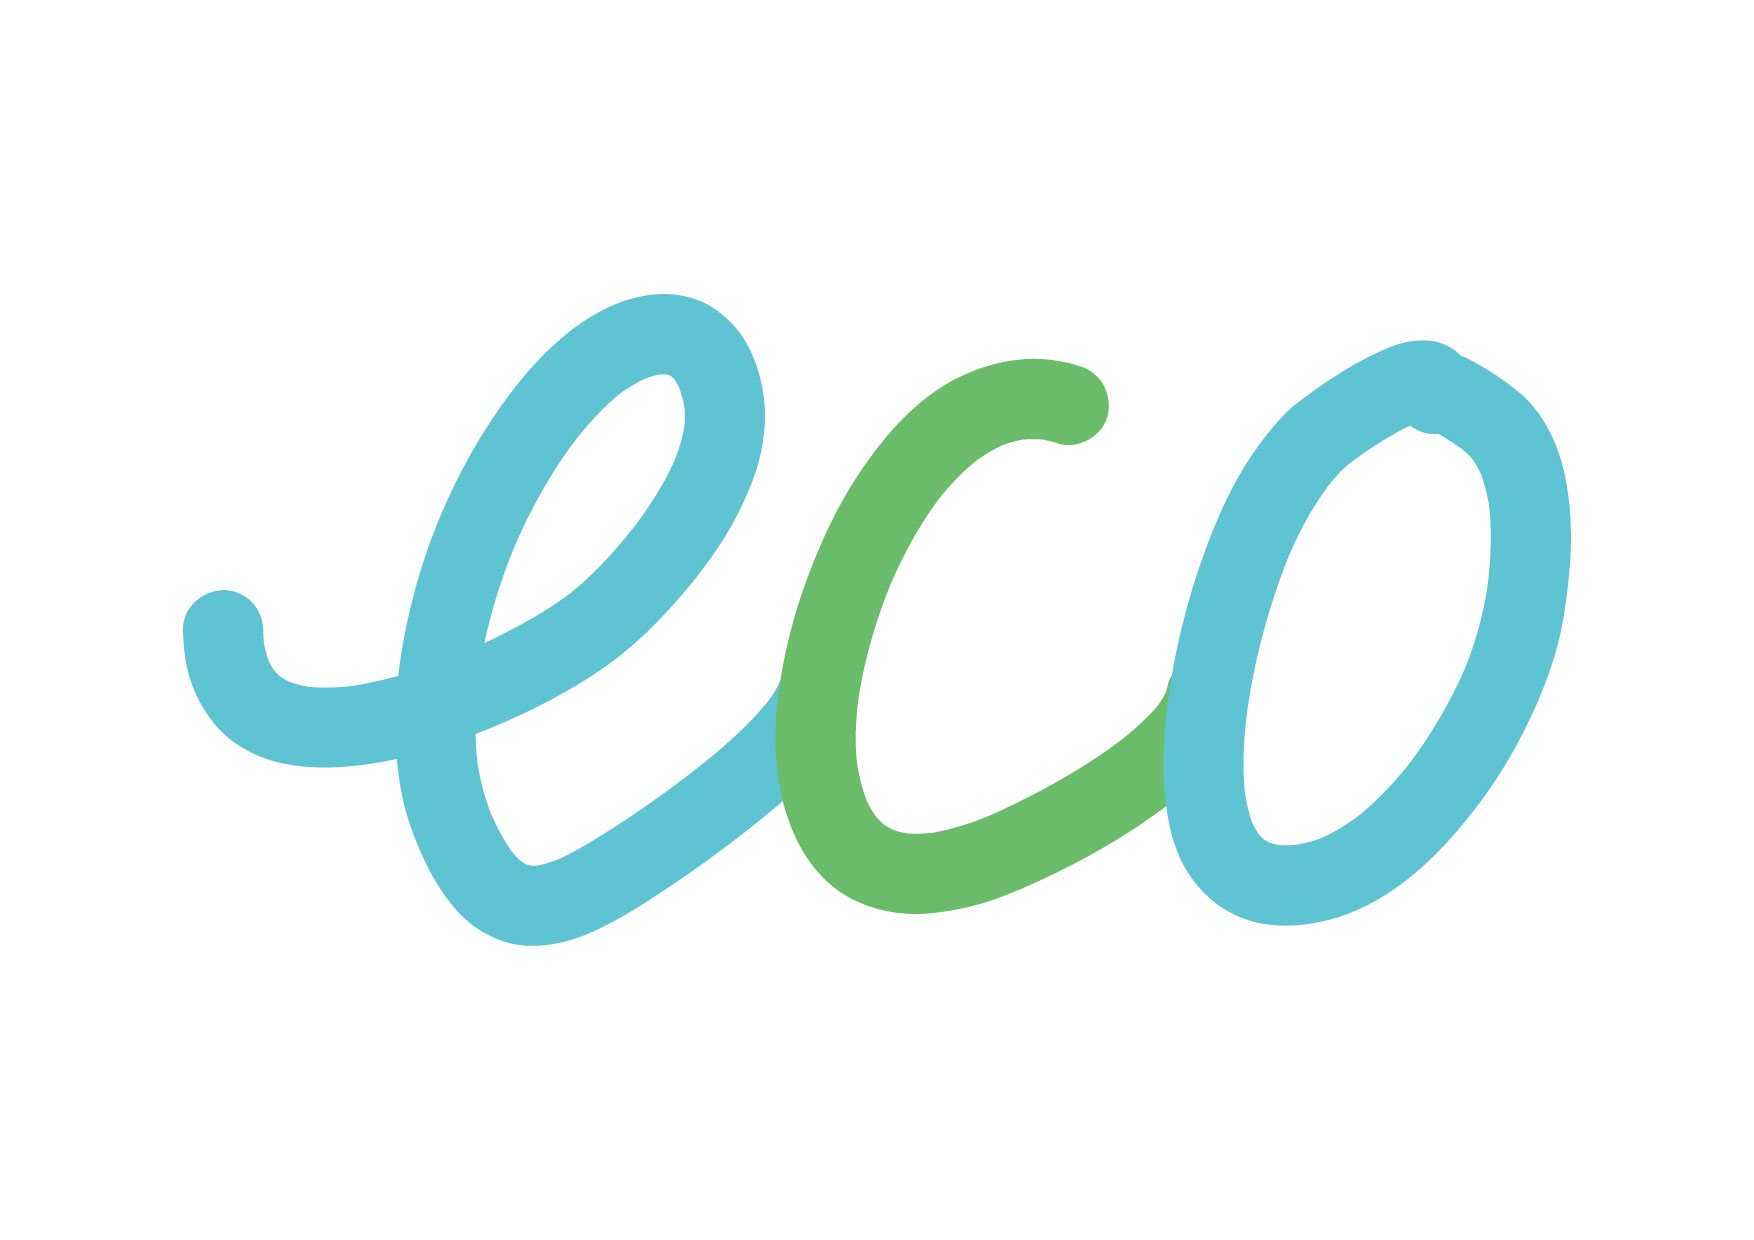 可愛いイラスト無料|環境 エコ − free illustration Ecology